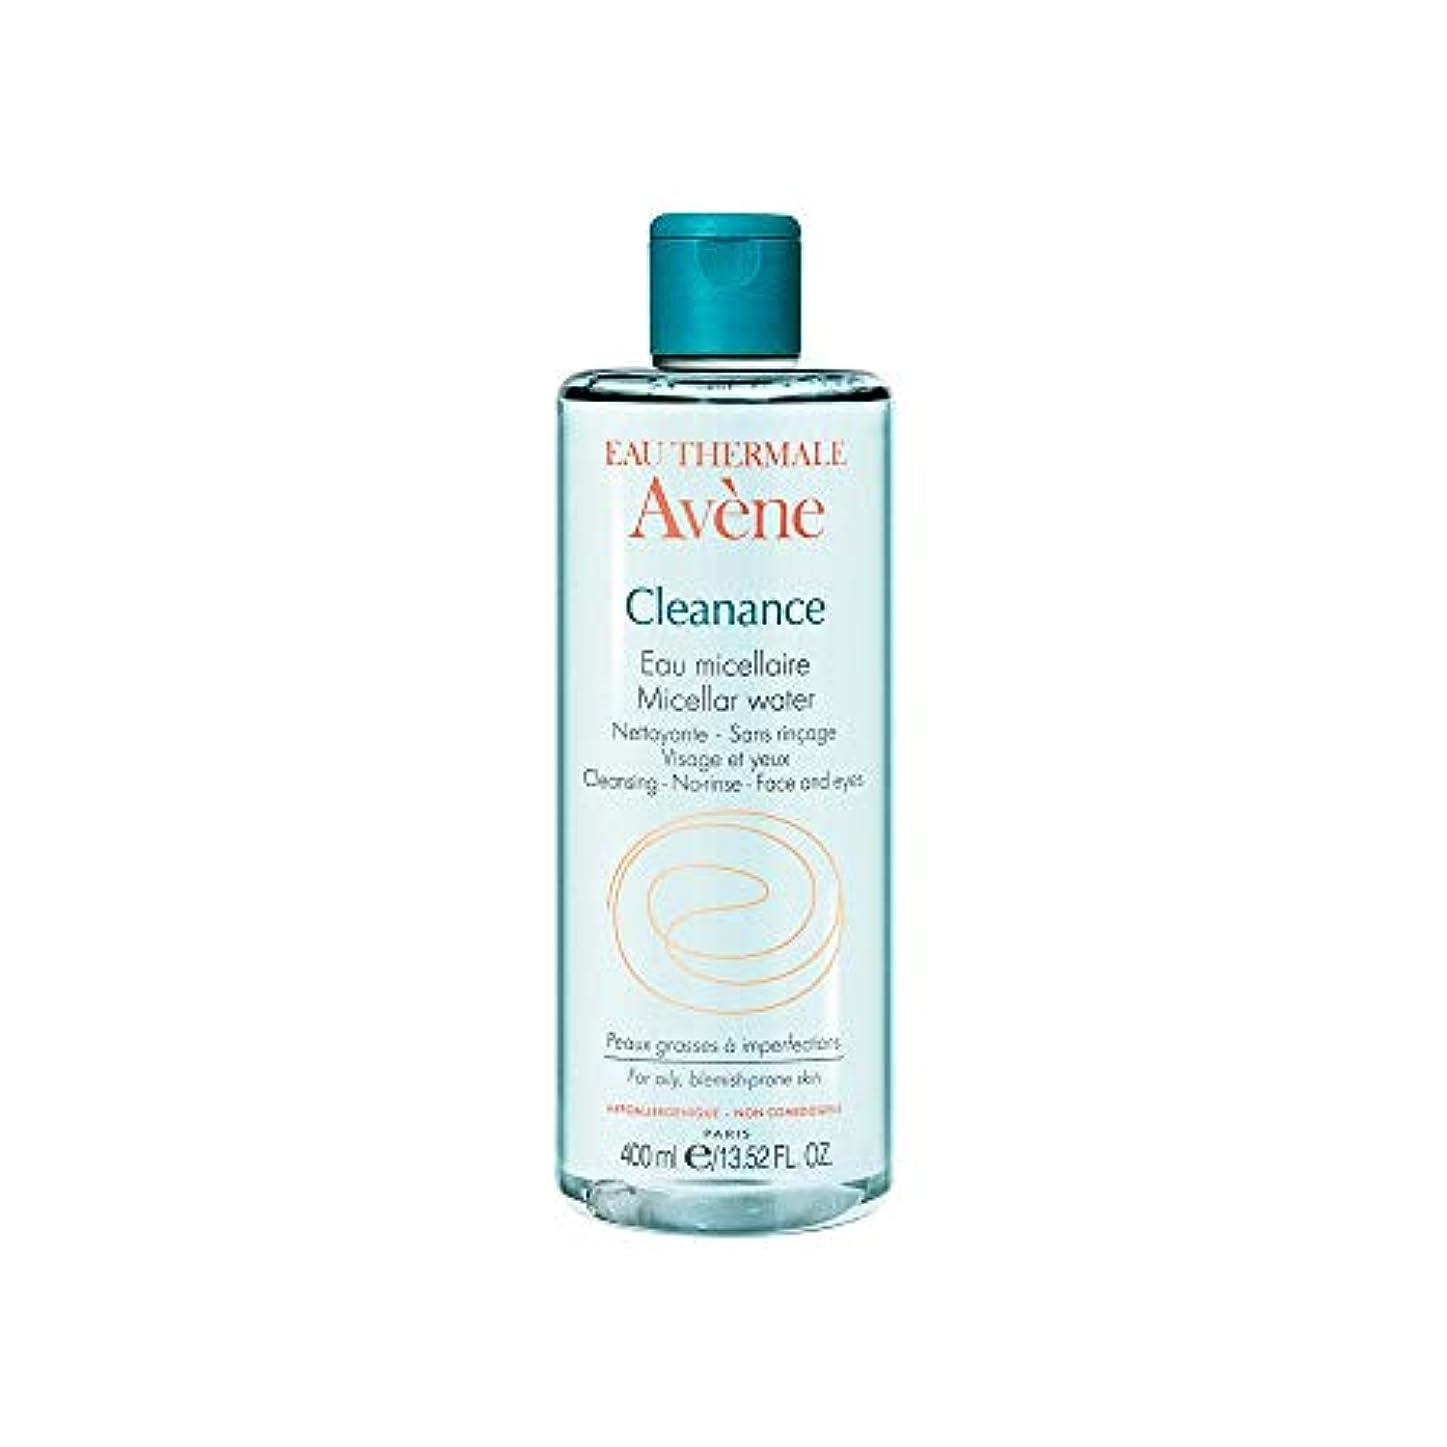 容疑者ねじれ咳アベンヌ Cleanance Micellar Water (For Face & Eyes) - For Oily, Blemish-Prone Skin 400ml/13.52oz並行輸入品